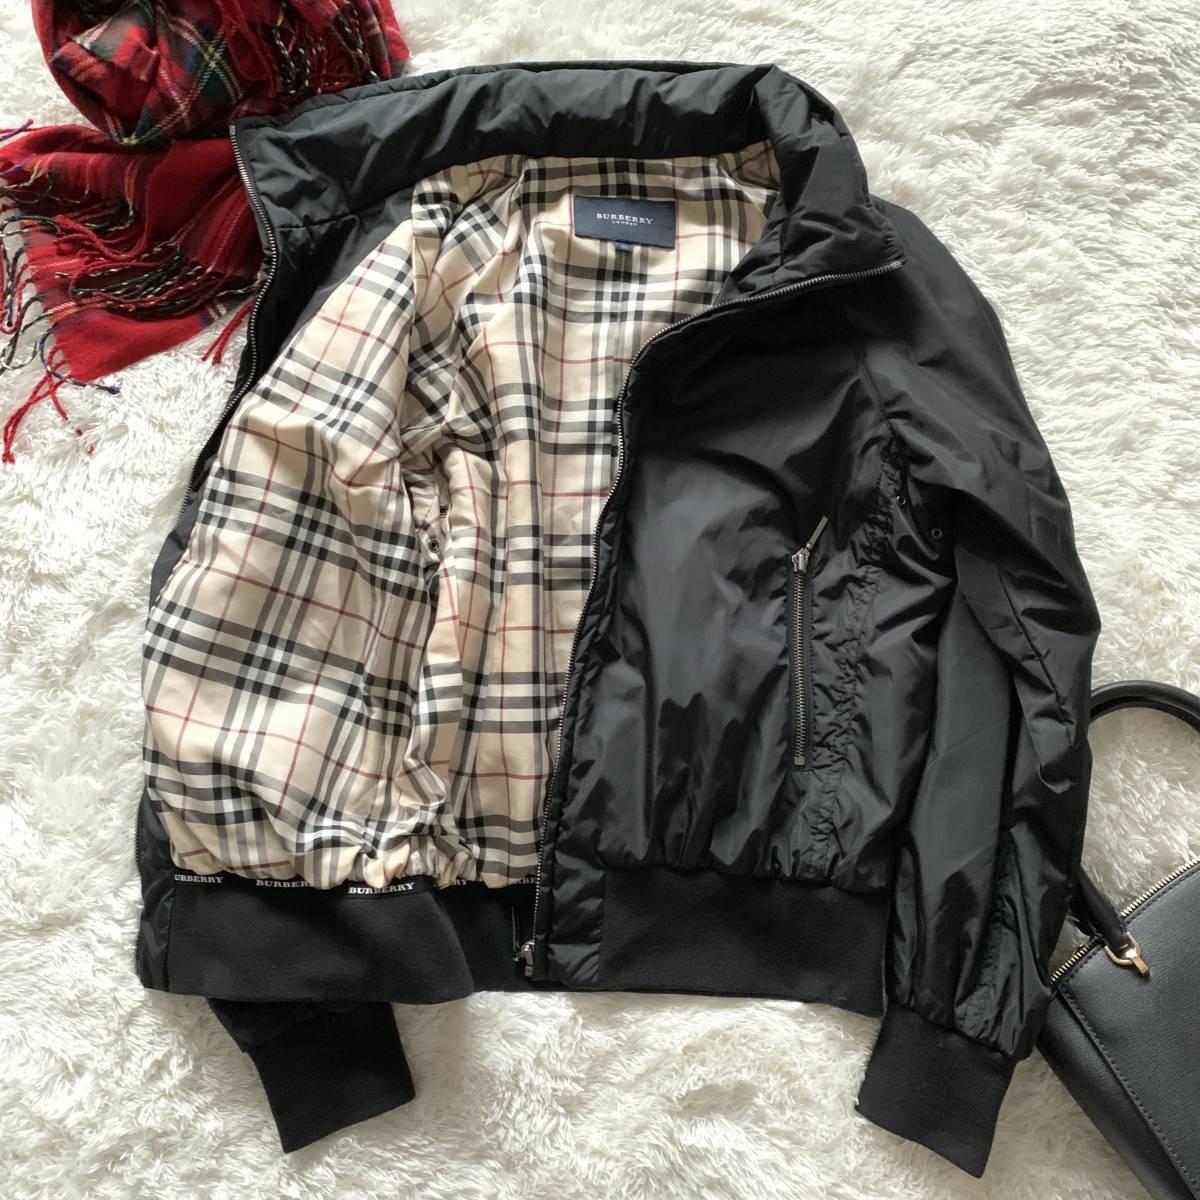 極美品 バーバリーロンドン ナイロン ジャケット ブラック 黒 38 レディース ブルゾン MA-1 フード付き ノバチェック BURBERRY LONDON_画像4